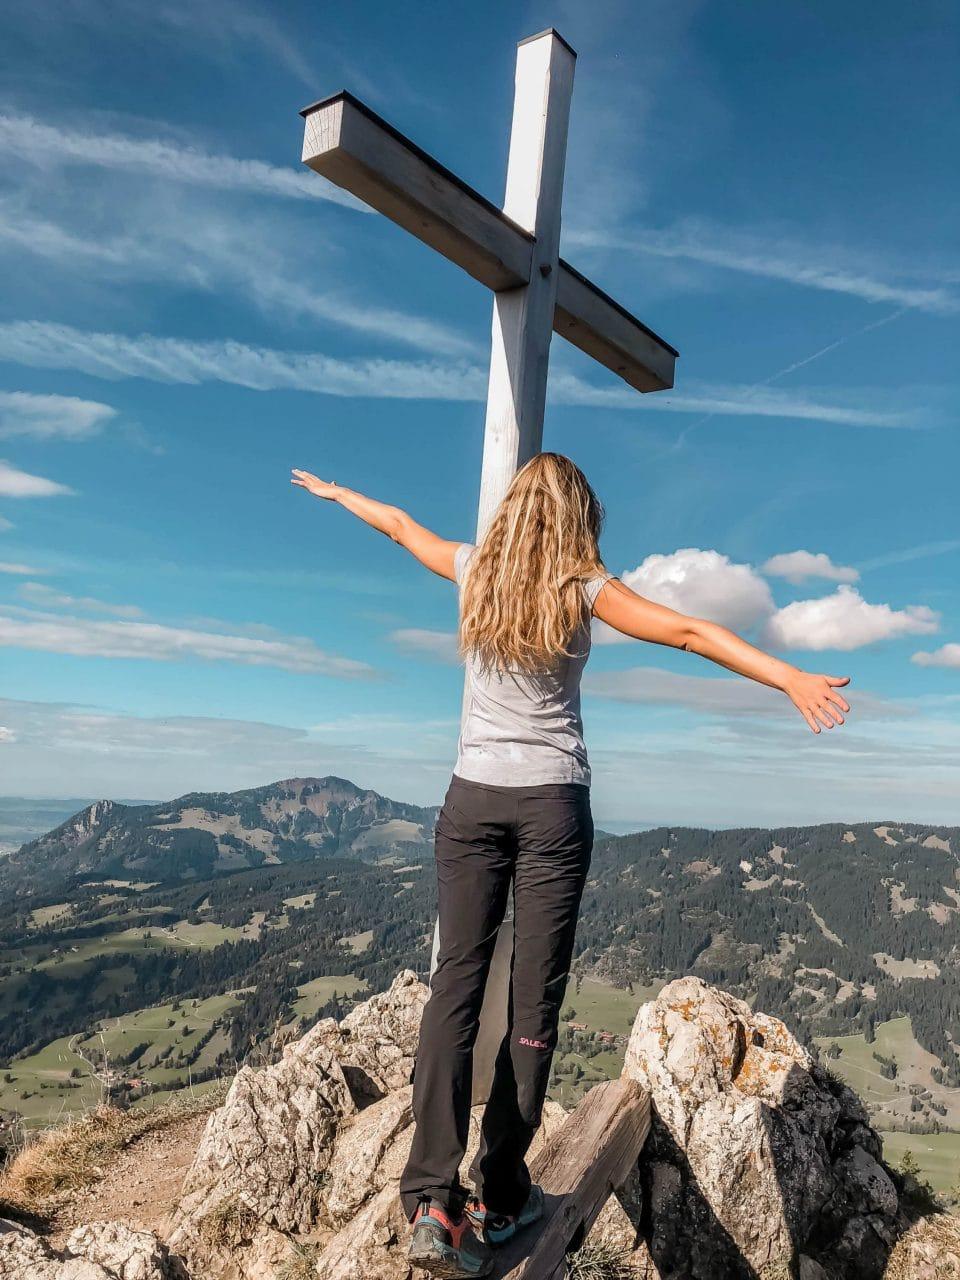 Gipfelkreuz Imberger Horn Allgäu Ausflugstipps